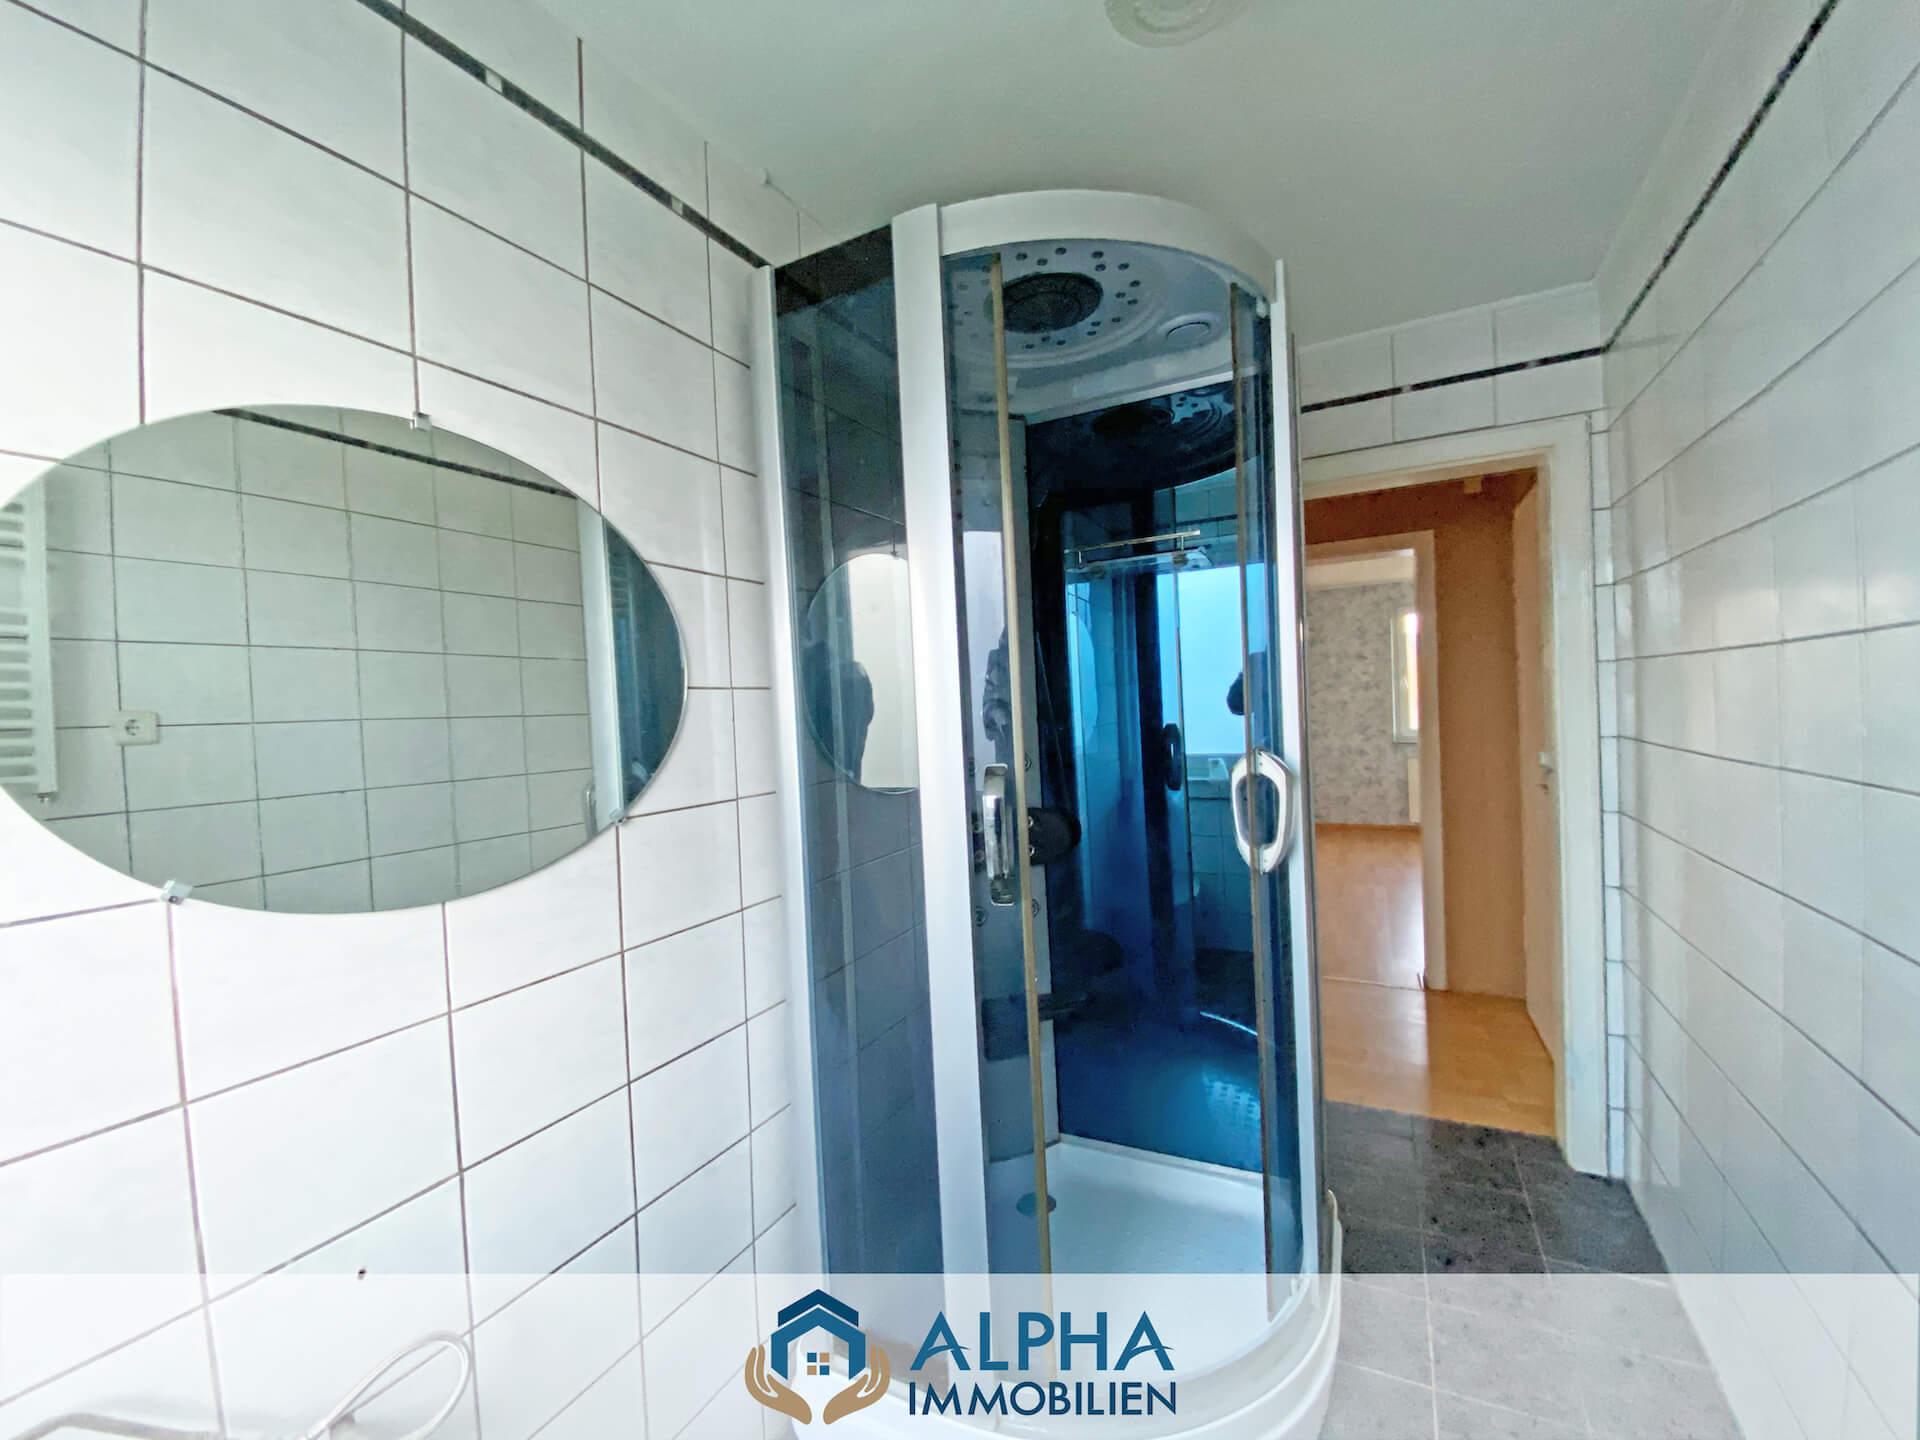 alpha-immobilien-20-8-84